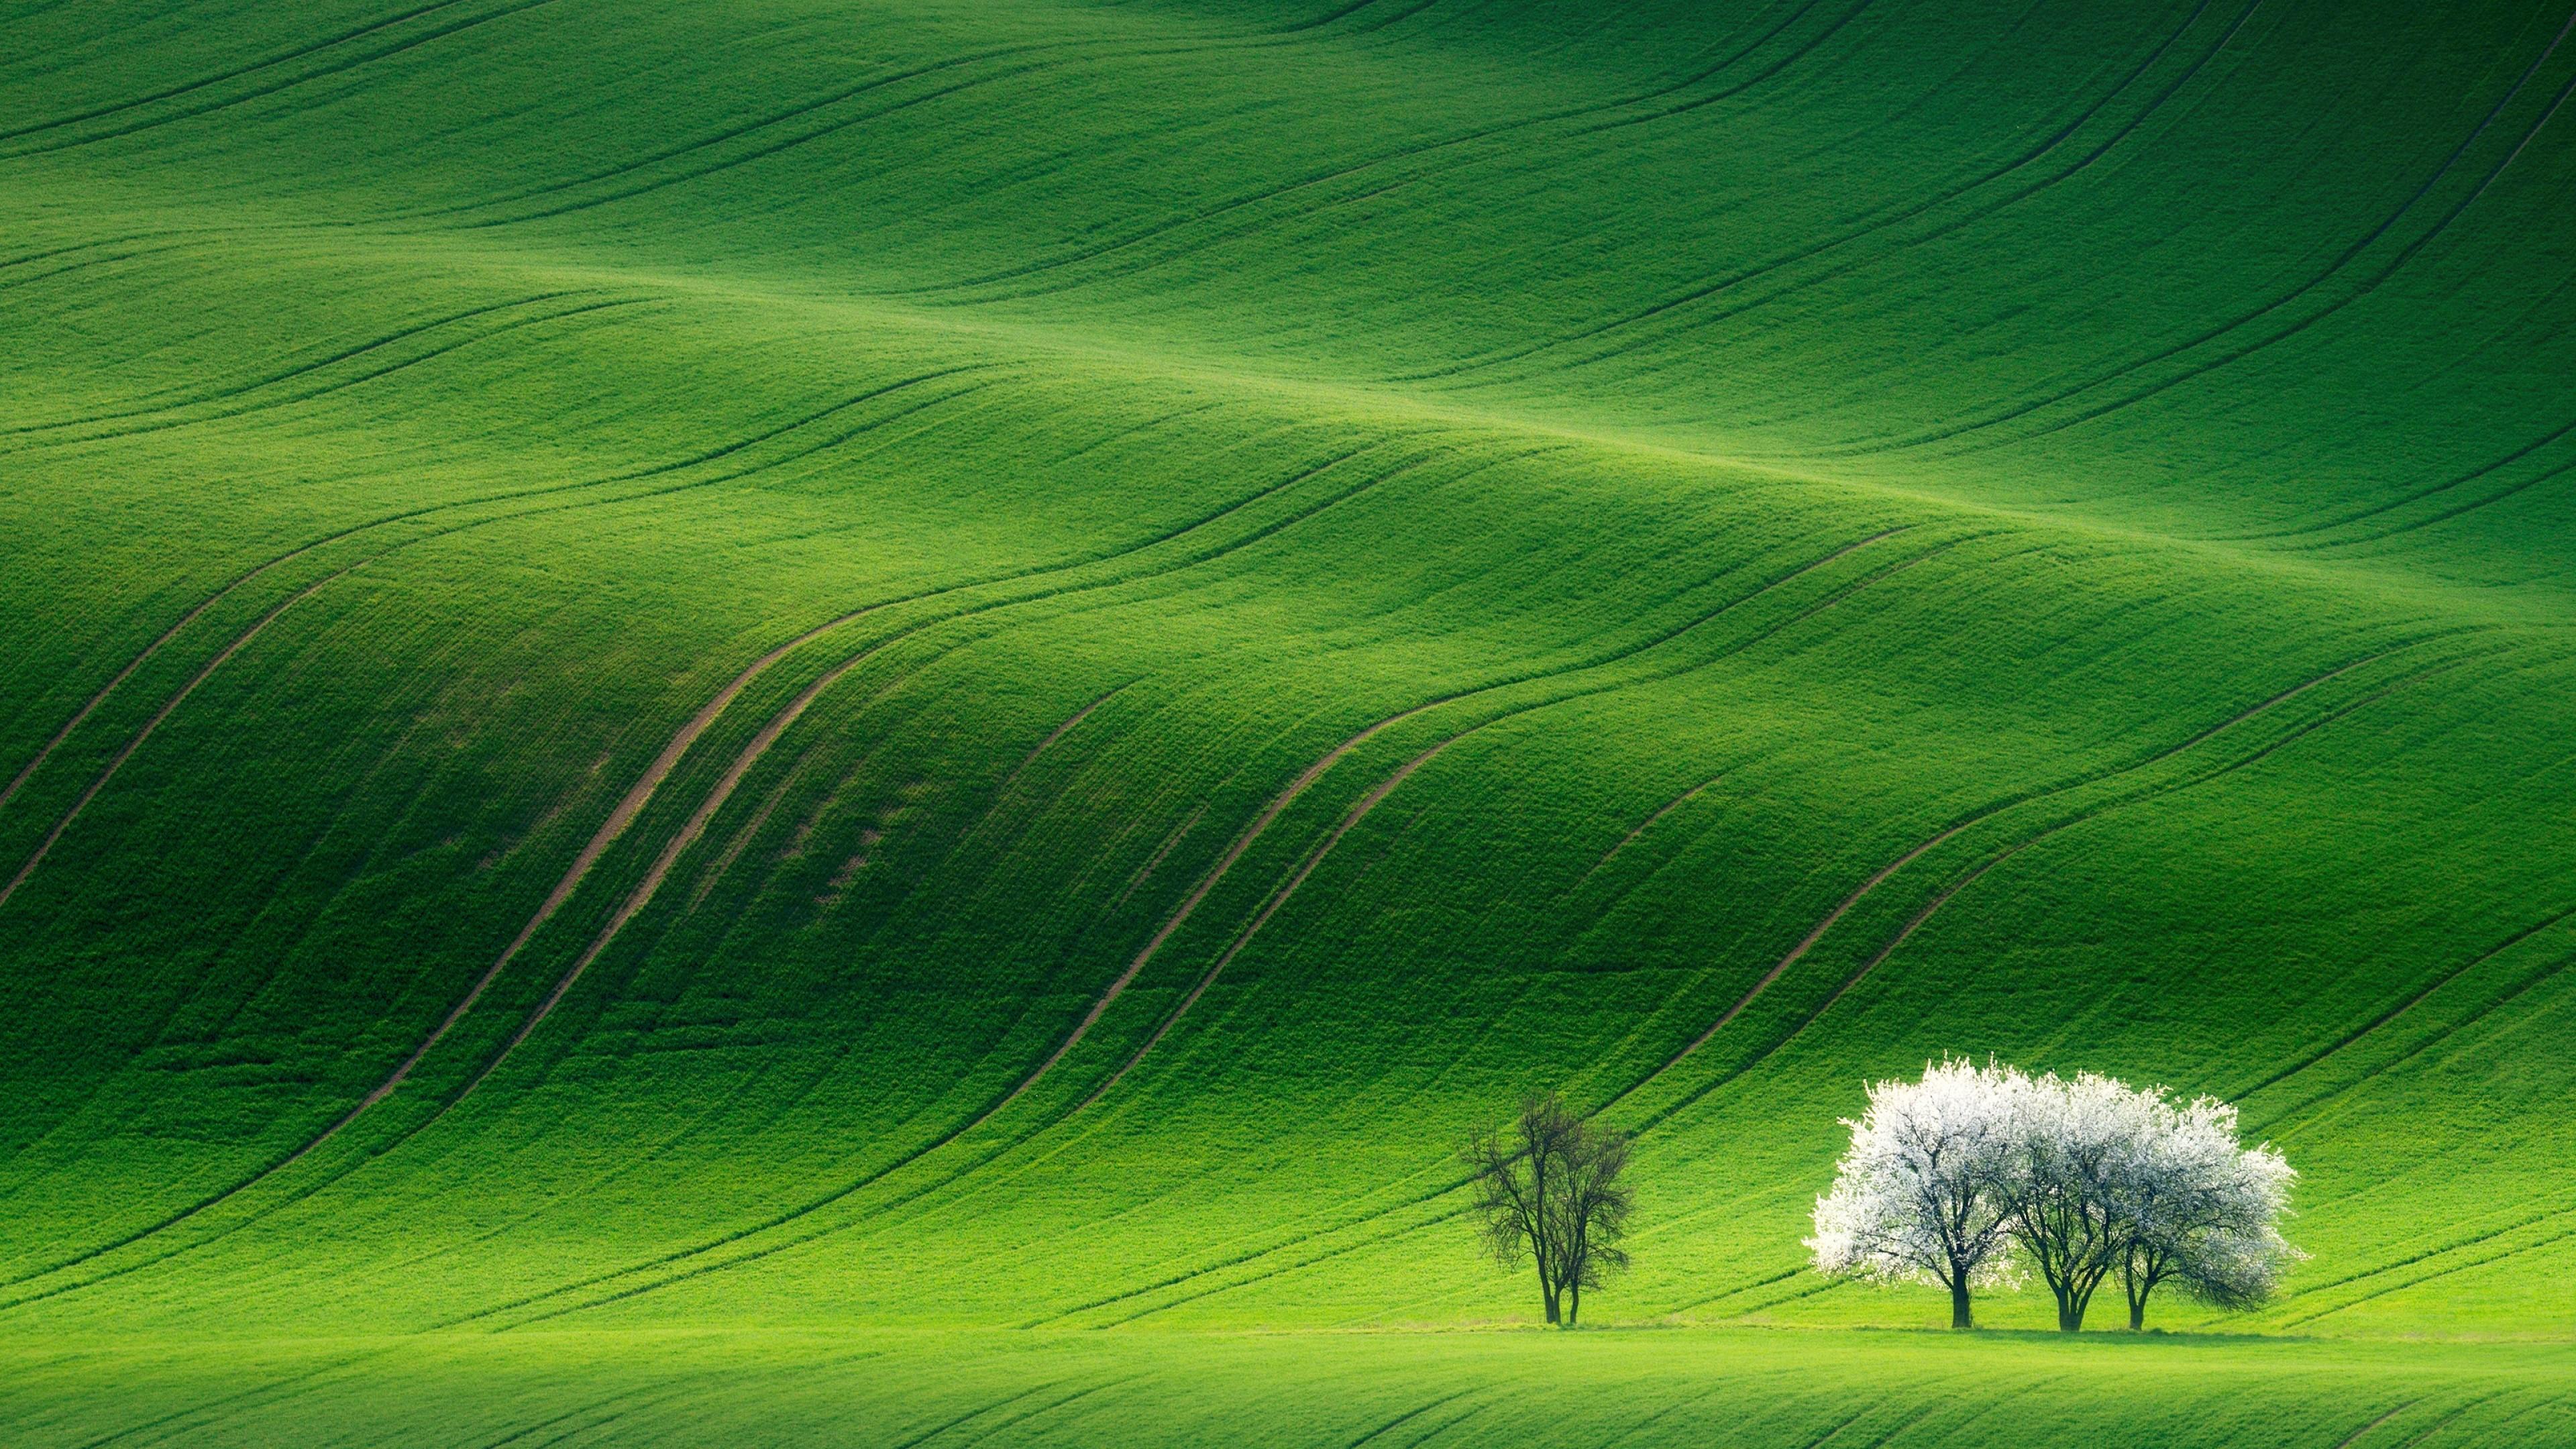 Волнообразный зеленый луг с белоснежно-цветущими деревьями